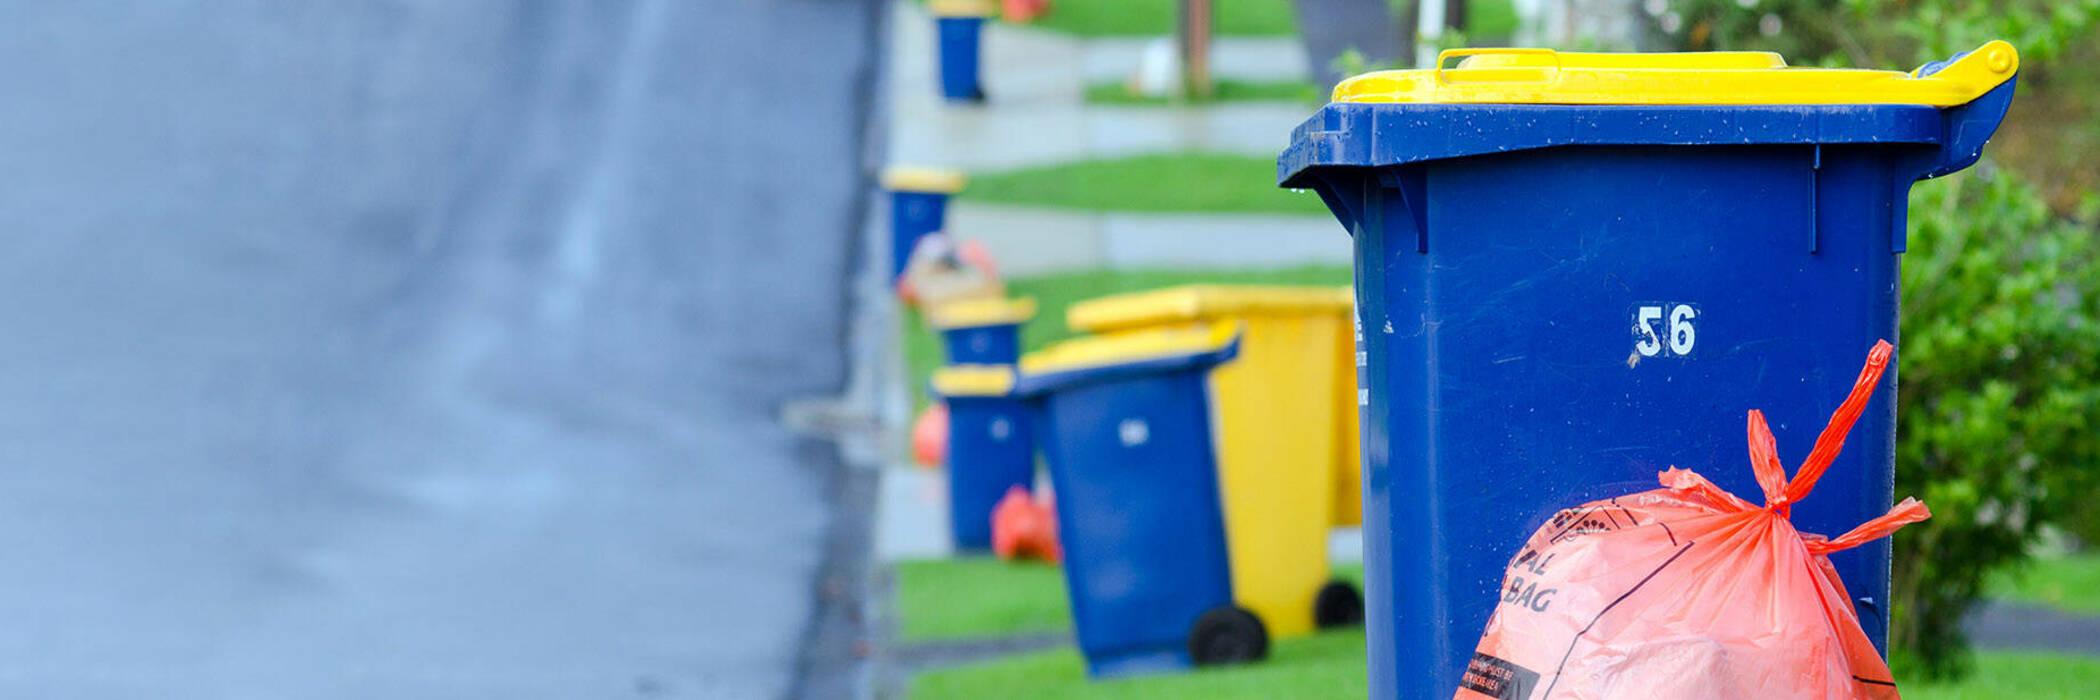 Recycling bins put out on Auckland neighbourhood street